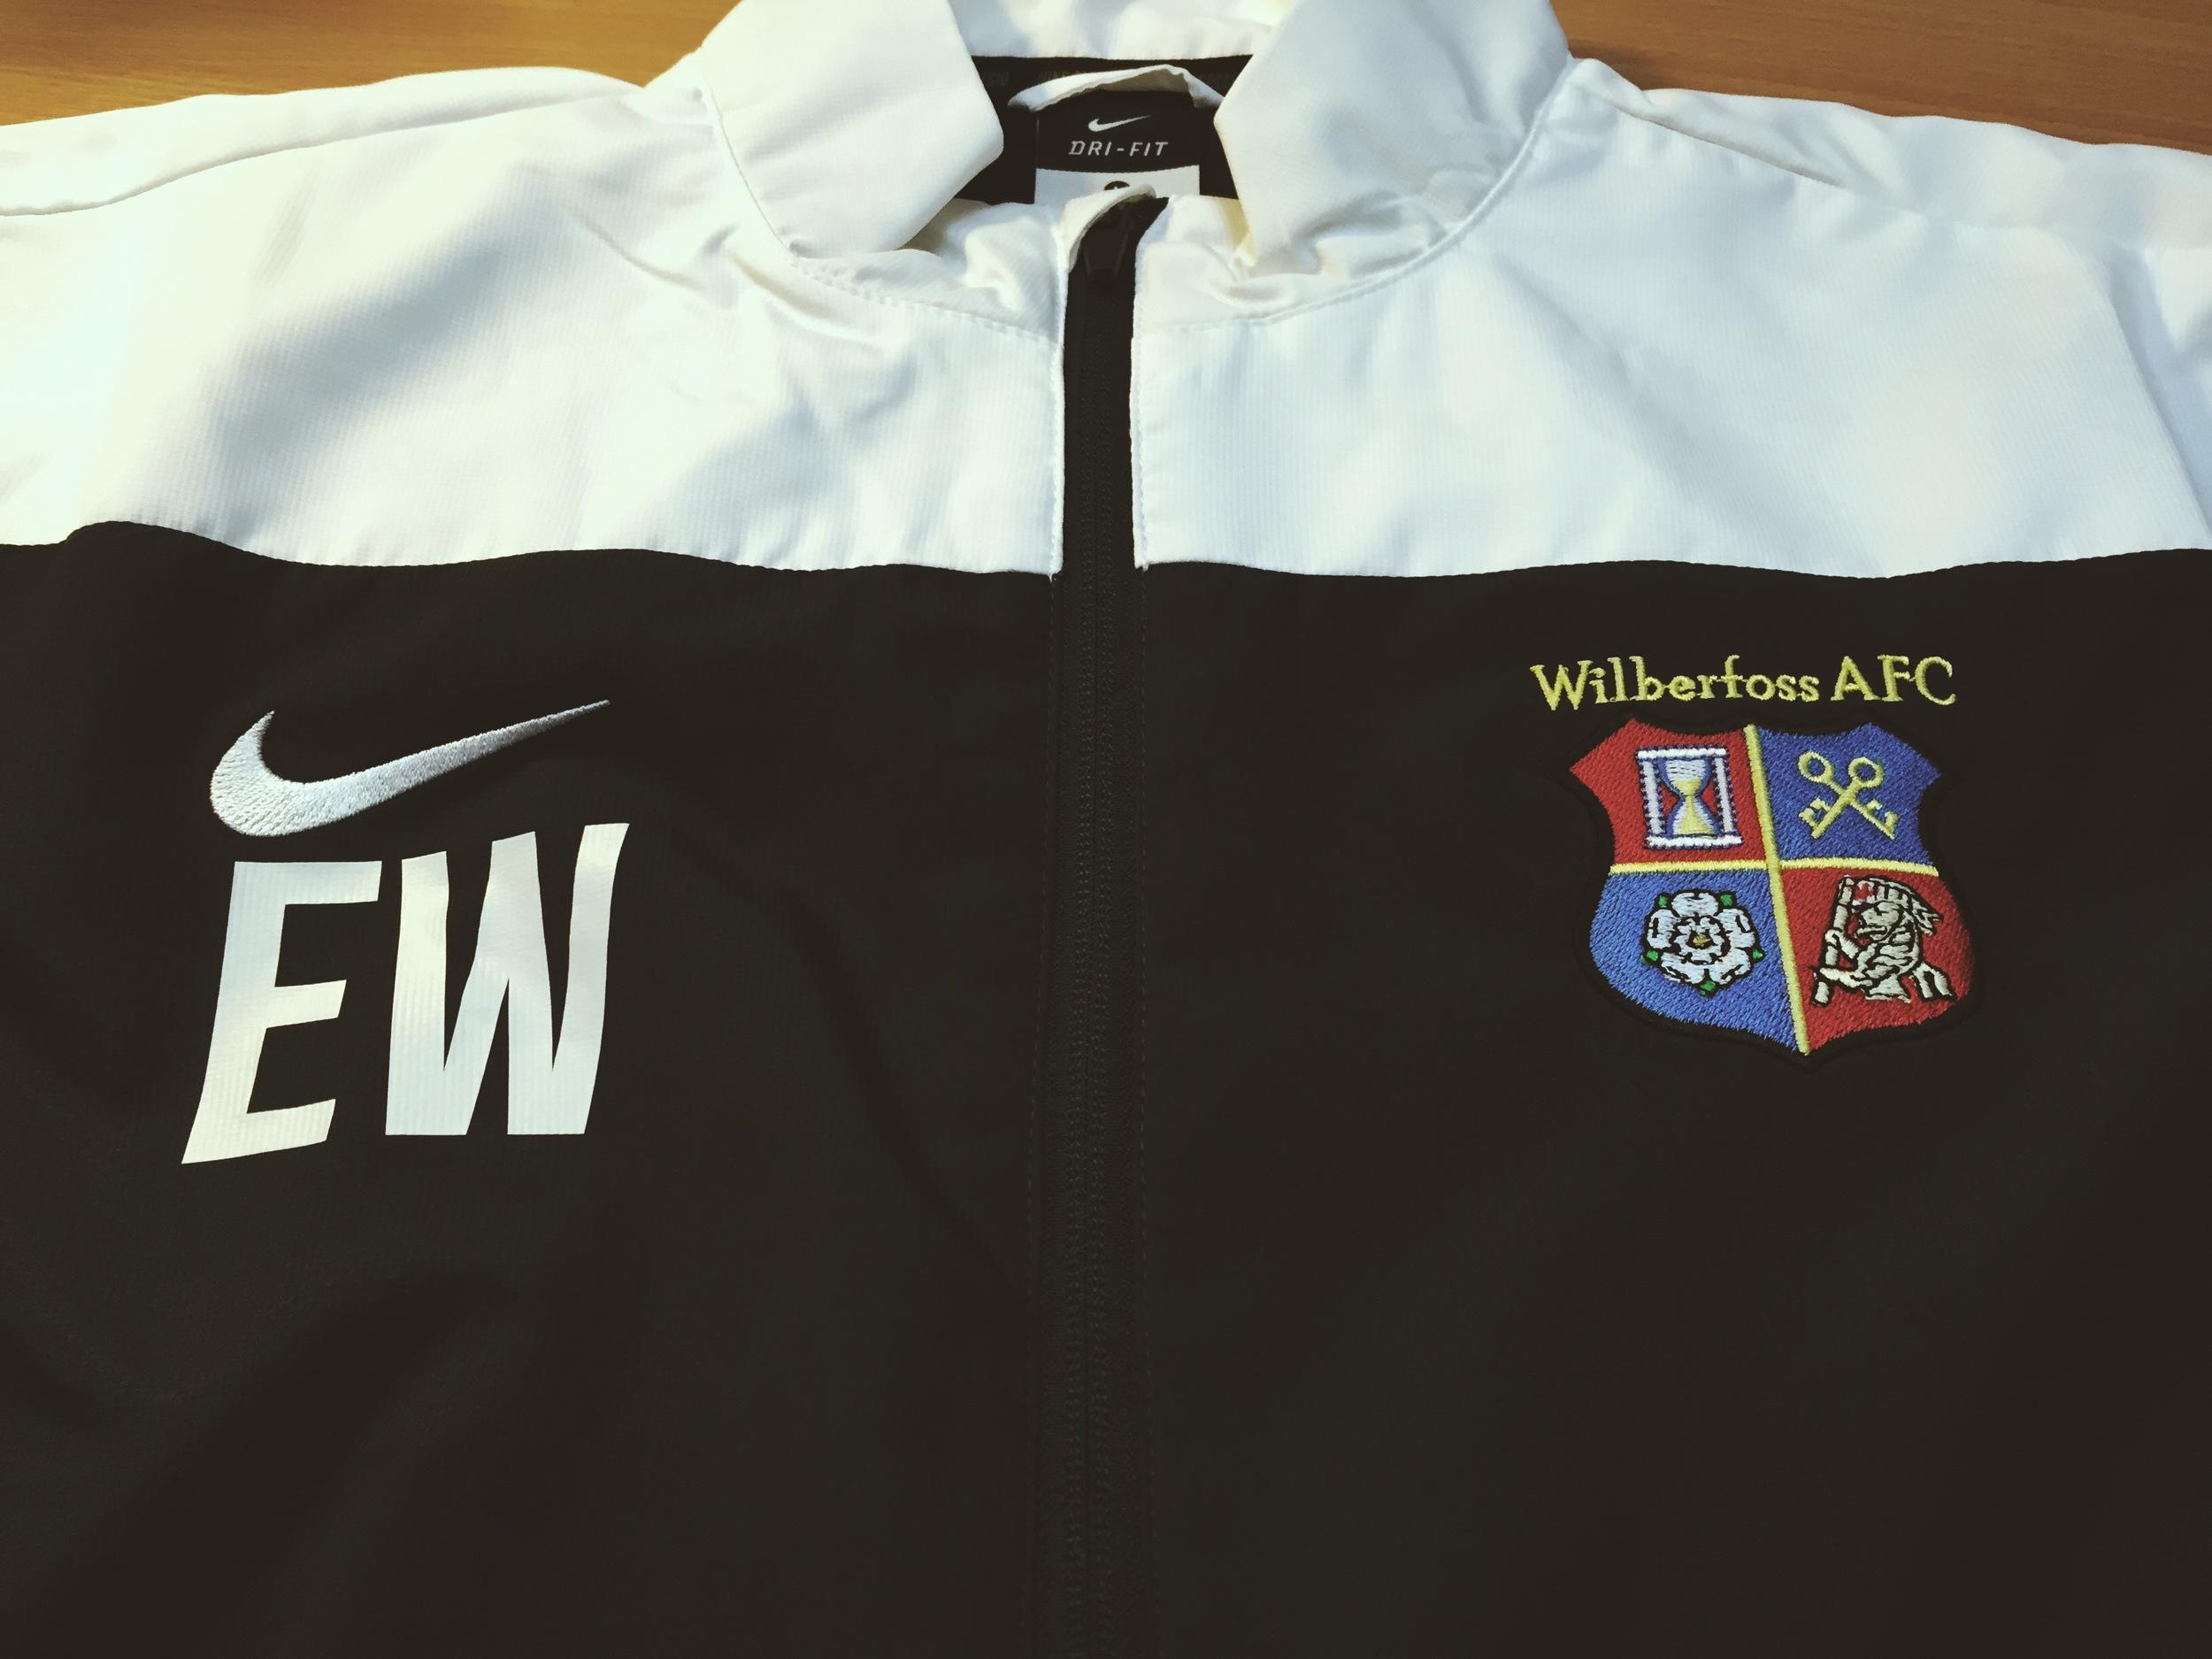 Wilberfoss AFC